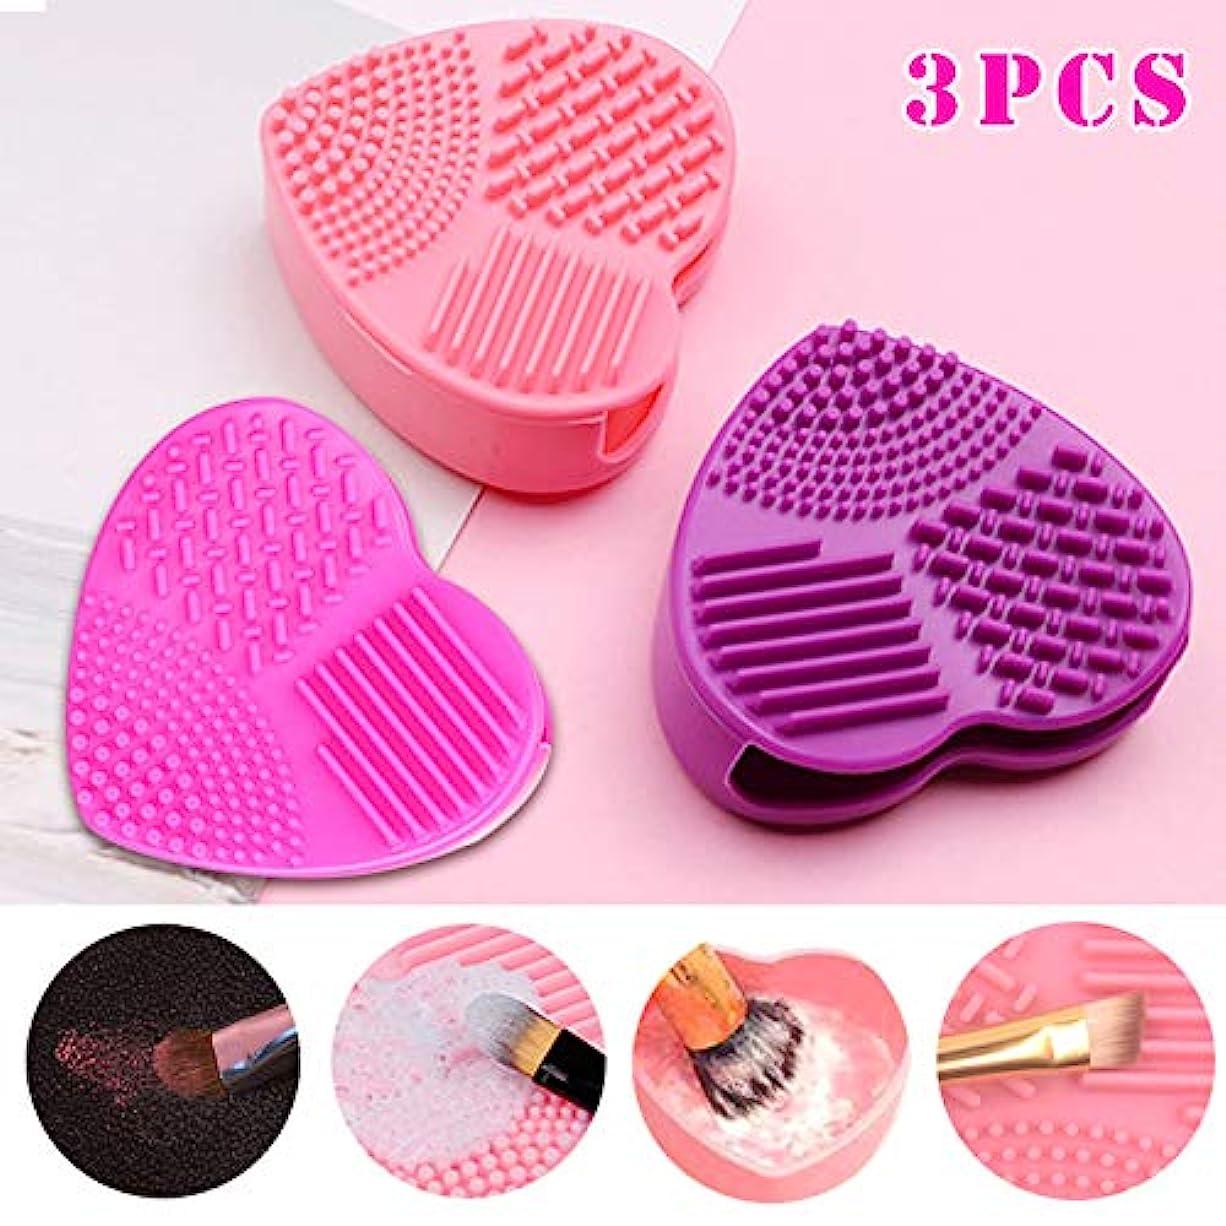 ビリーヤギ百科事典仮説Symboat 3つのハート型の化粧ブラシのクリーニングパッド 洗浄ブラシ ピンクのハート形 化粧ブラシ用清掃パッド